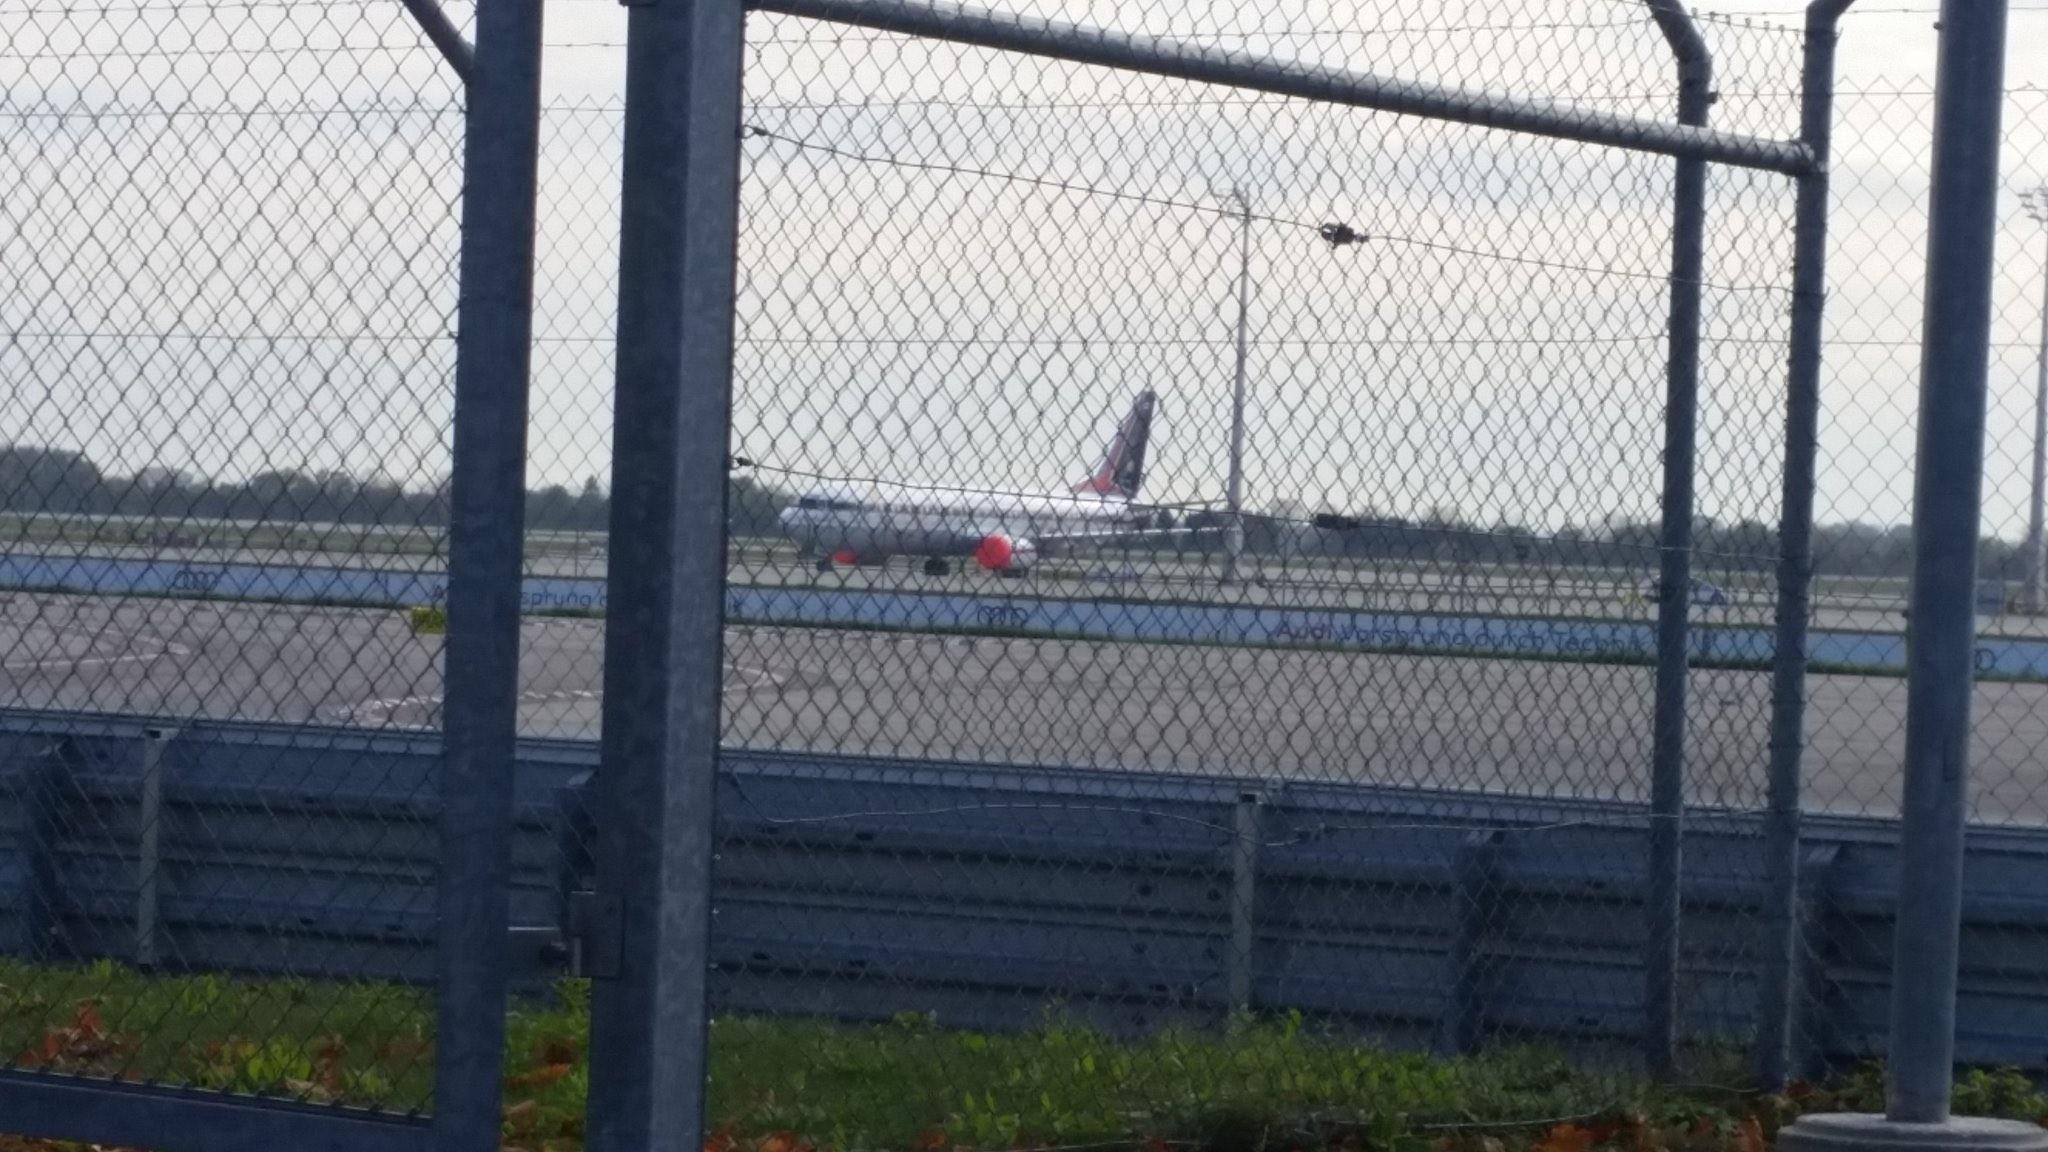 ▲▼泰國皇室專屬班機在慕尼黑機場被拍攝到。(圖/翻攝自Twitter@zenjournalist)